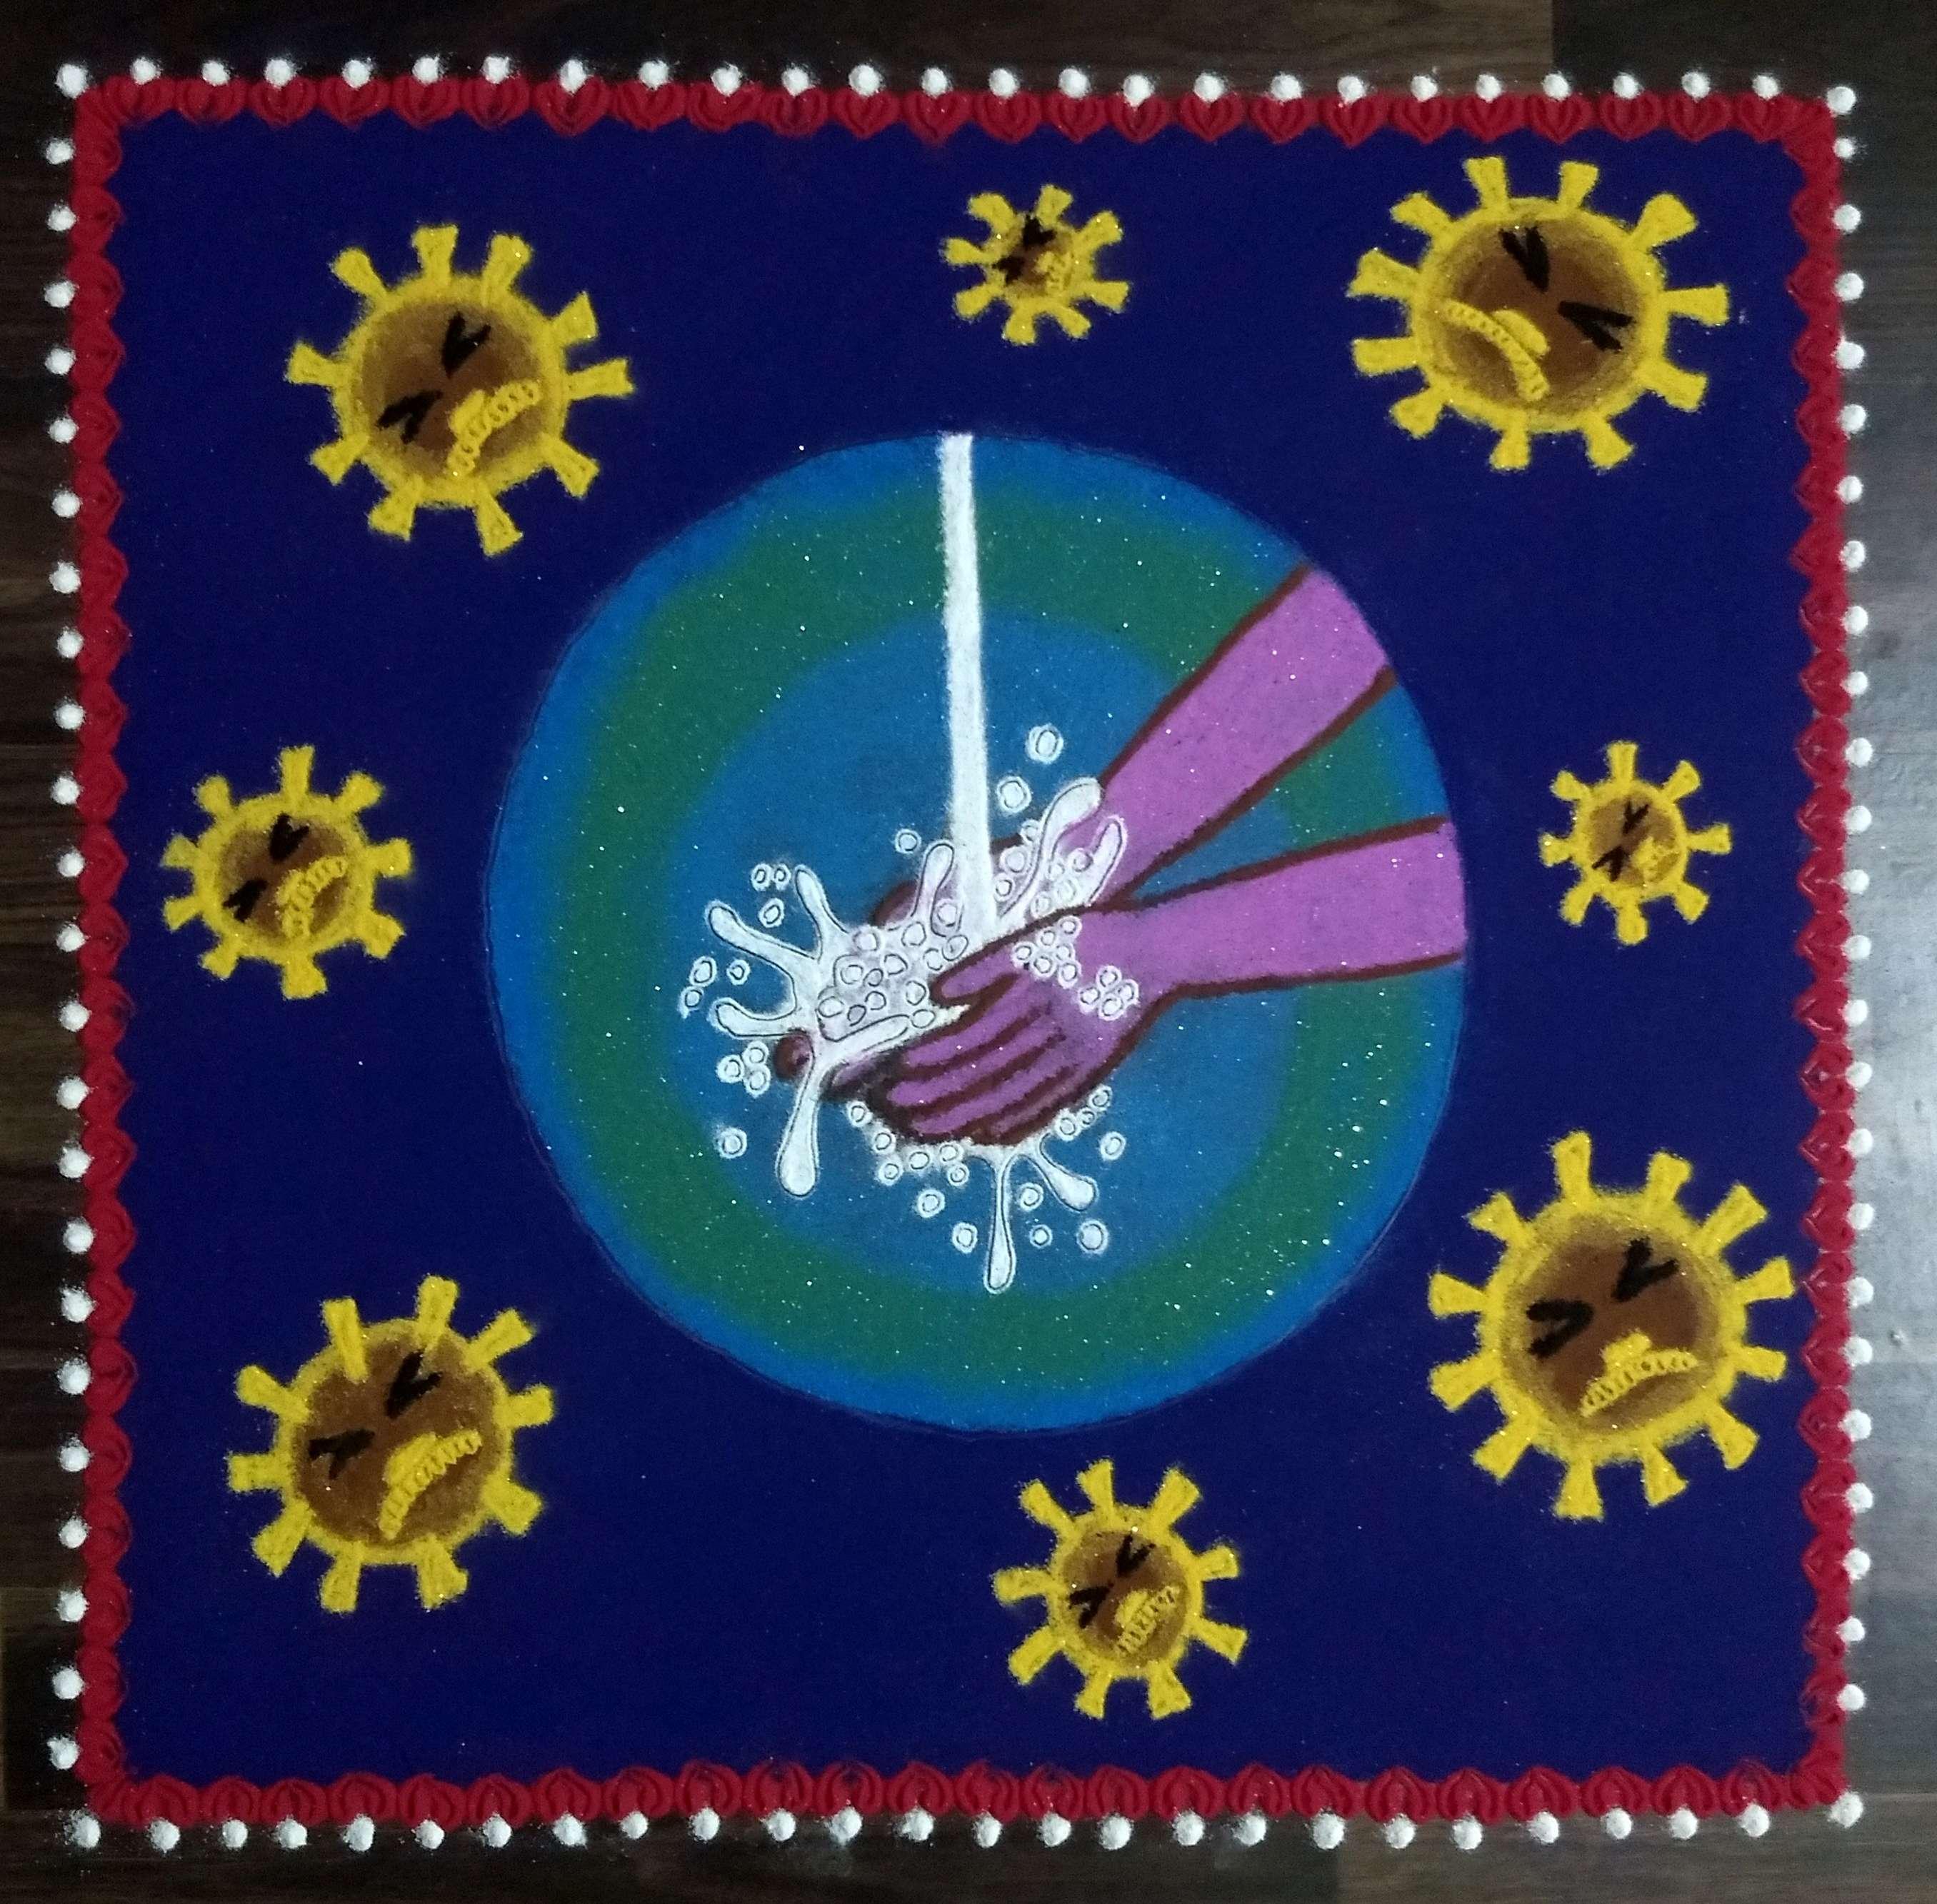 Thilagalakshmi Sridharan Creating Awareness On Coronavirus Using Kolam Times Of India Beautiful woman's day rangoli/8 march rangoli design. coronavirus using kolam